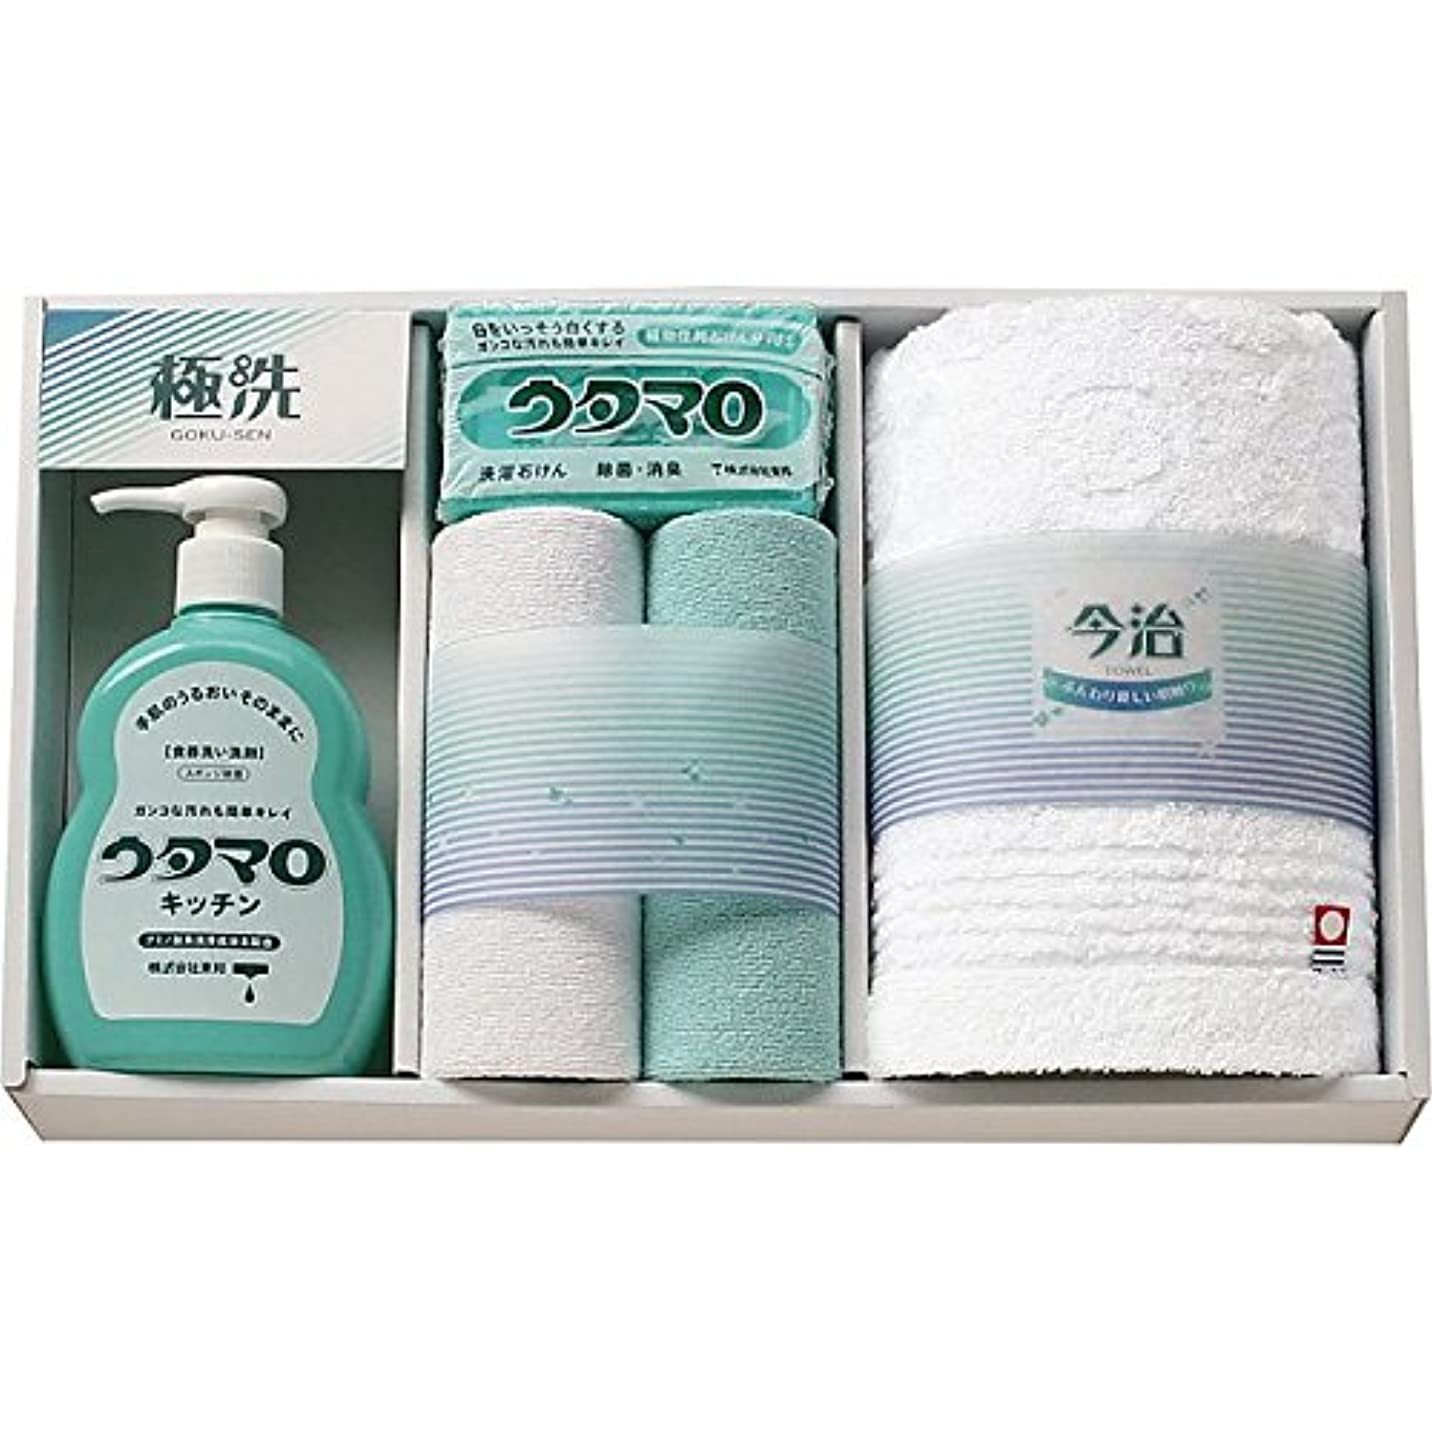 品種画像グラマー( ウタマロ ) 石鹸?キッチン洗剤ギフト ( 835-1055r )